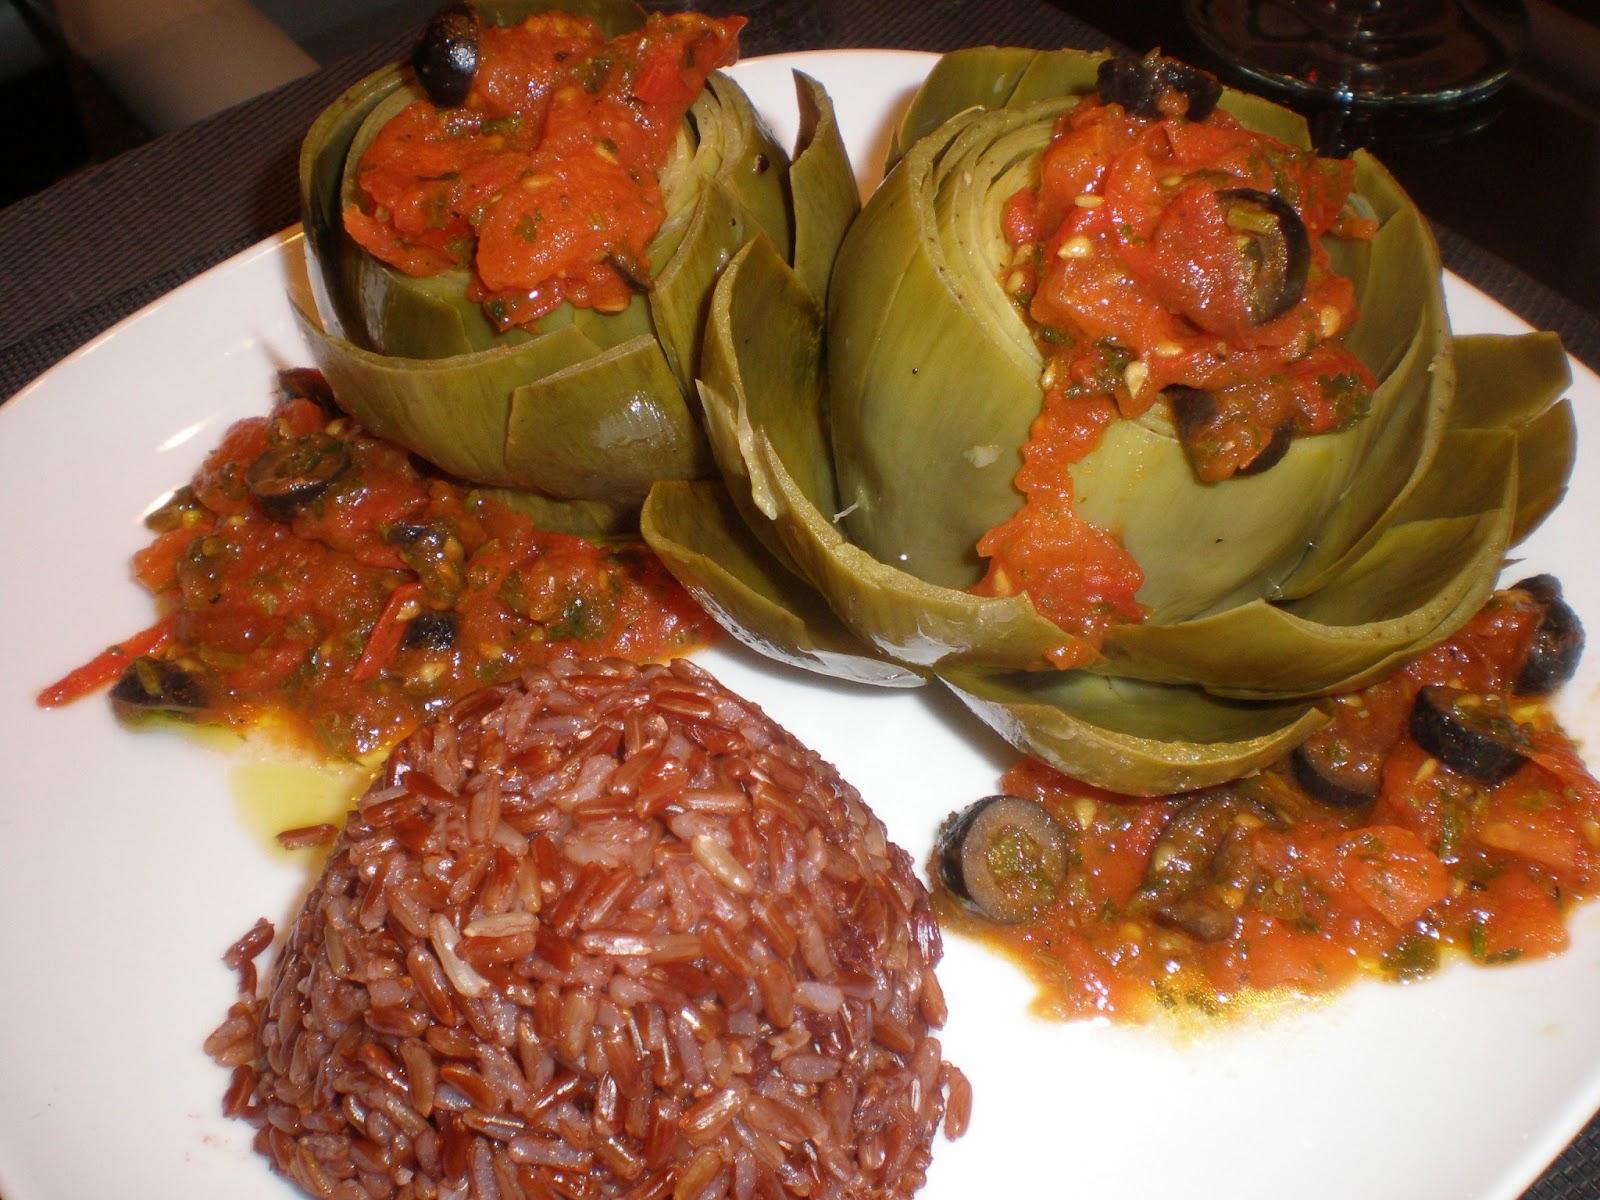 La cuisine de radisjoli recettes et propos culinaires - Cuisiner les artichauts ...